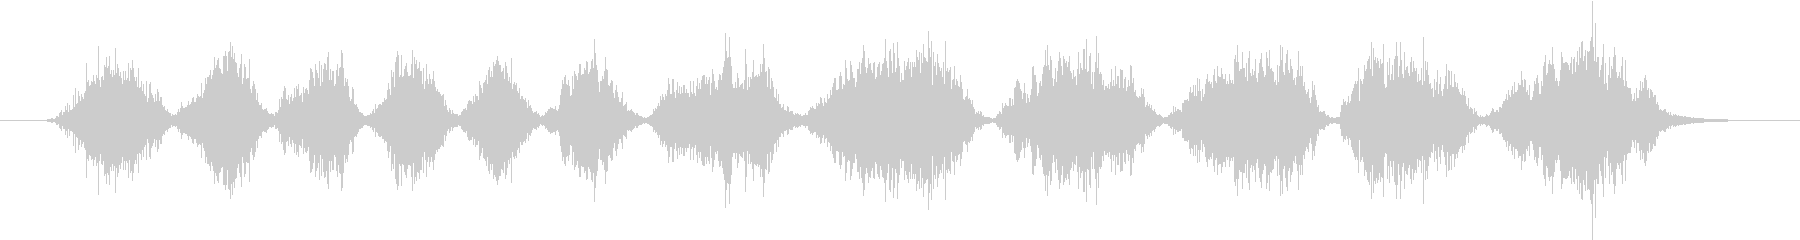 メタルへら:大きなフライパンにひっかき傷の未再生の波形